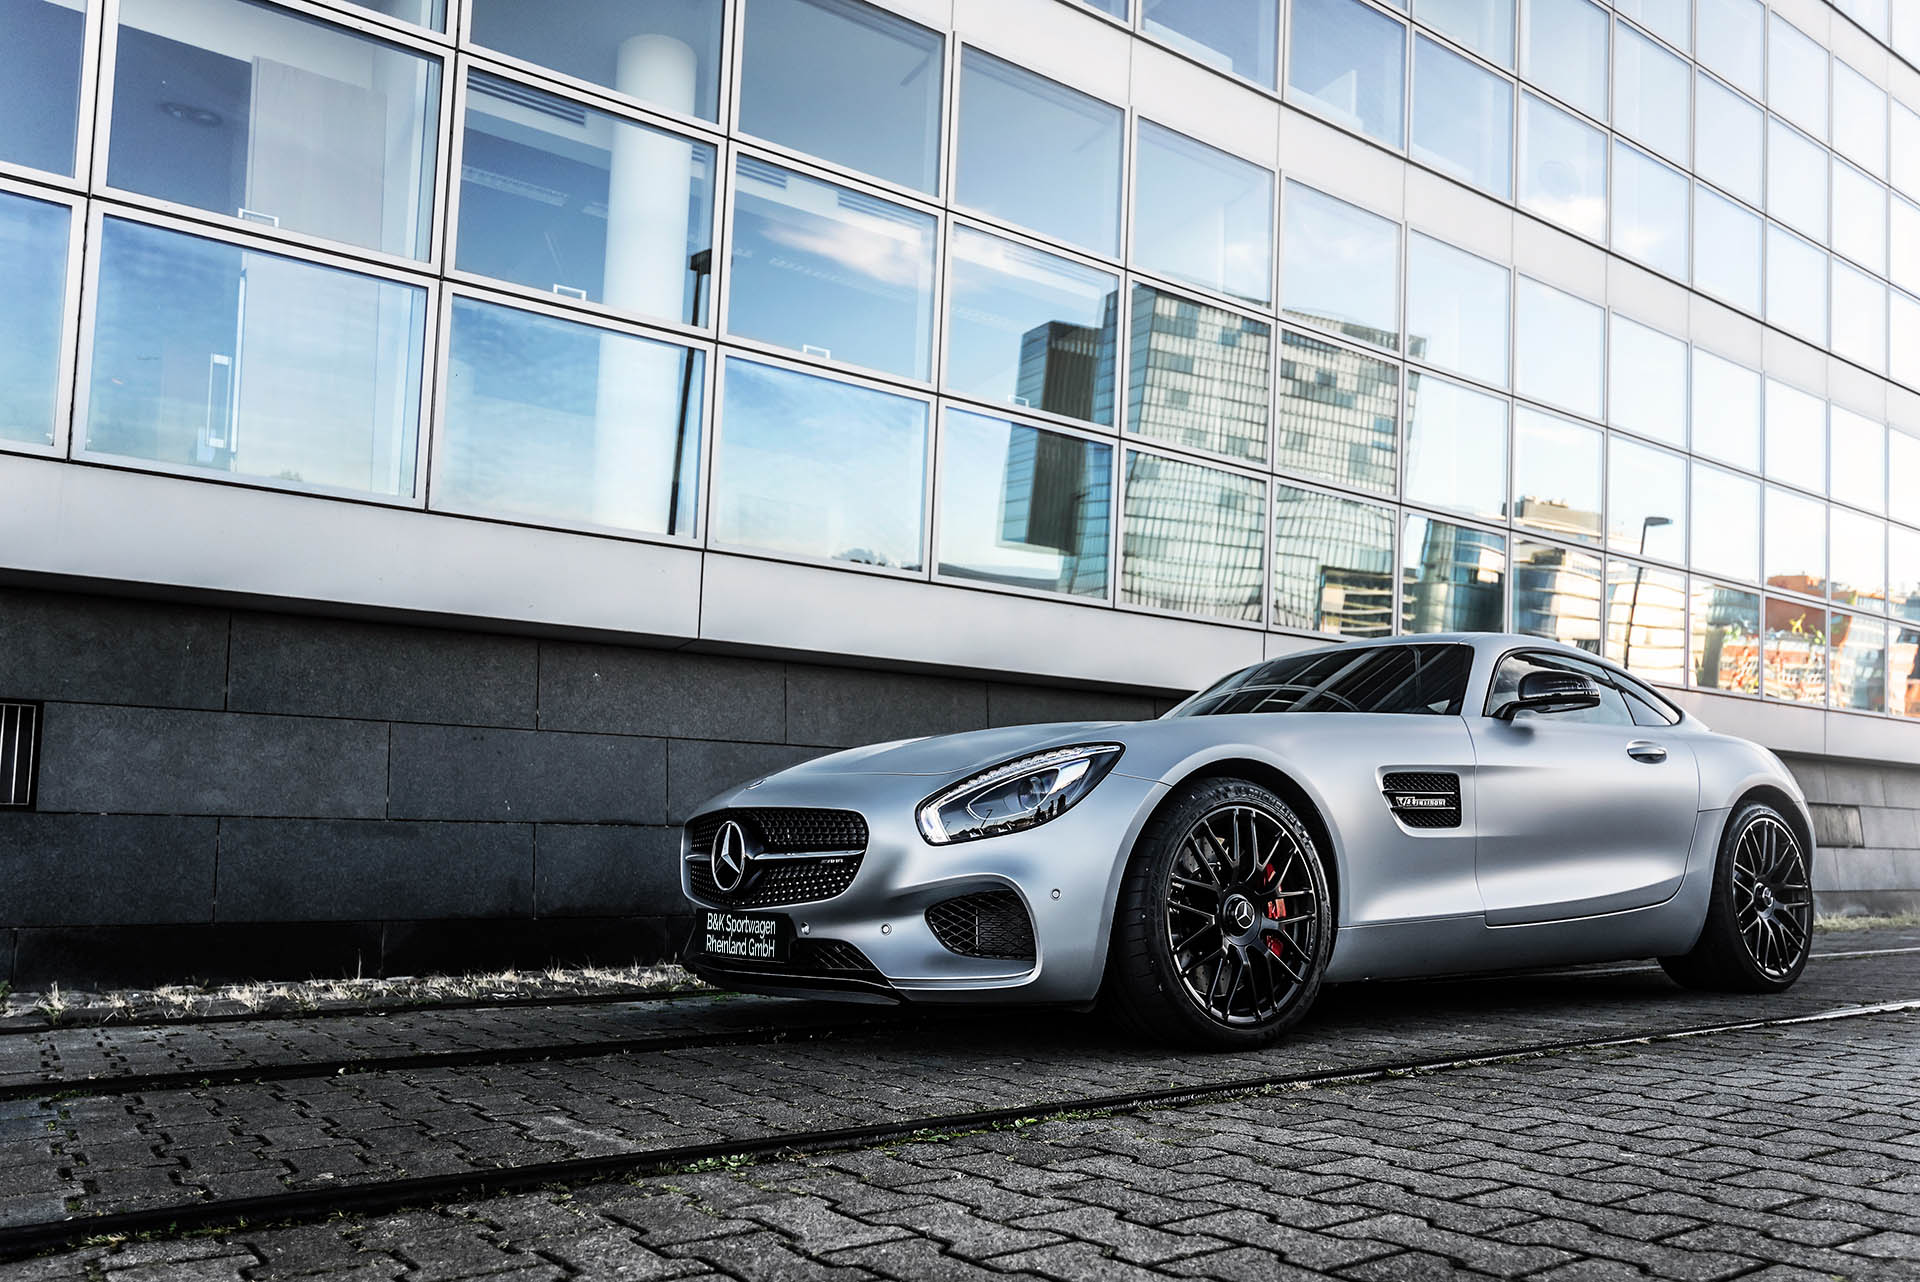 B+K_Sportwagen_Rheinland_GmbH_Mercedes_Benz_AMG_GTS_Silber_17